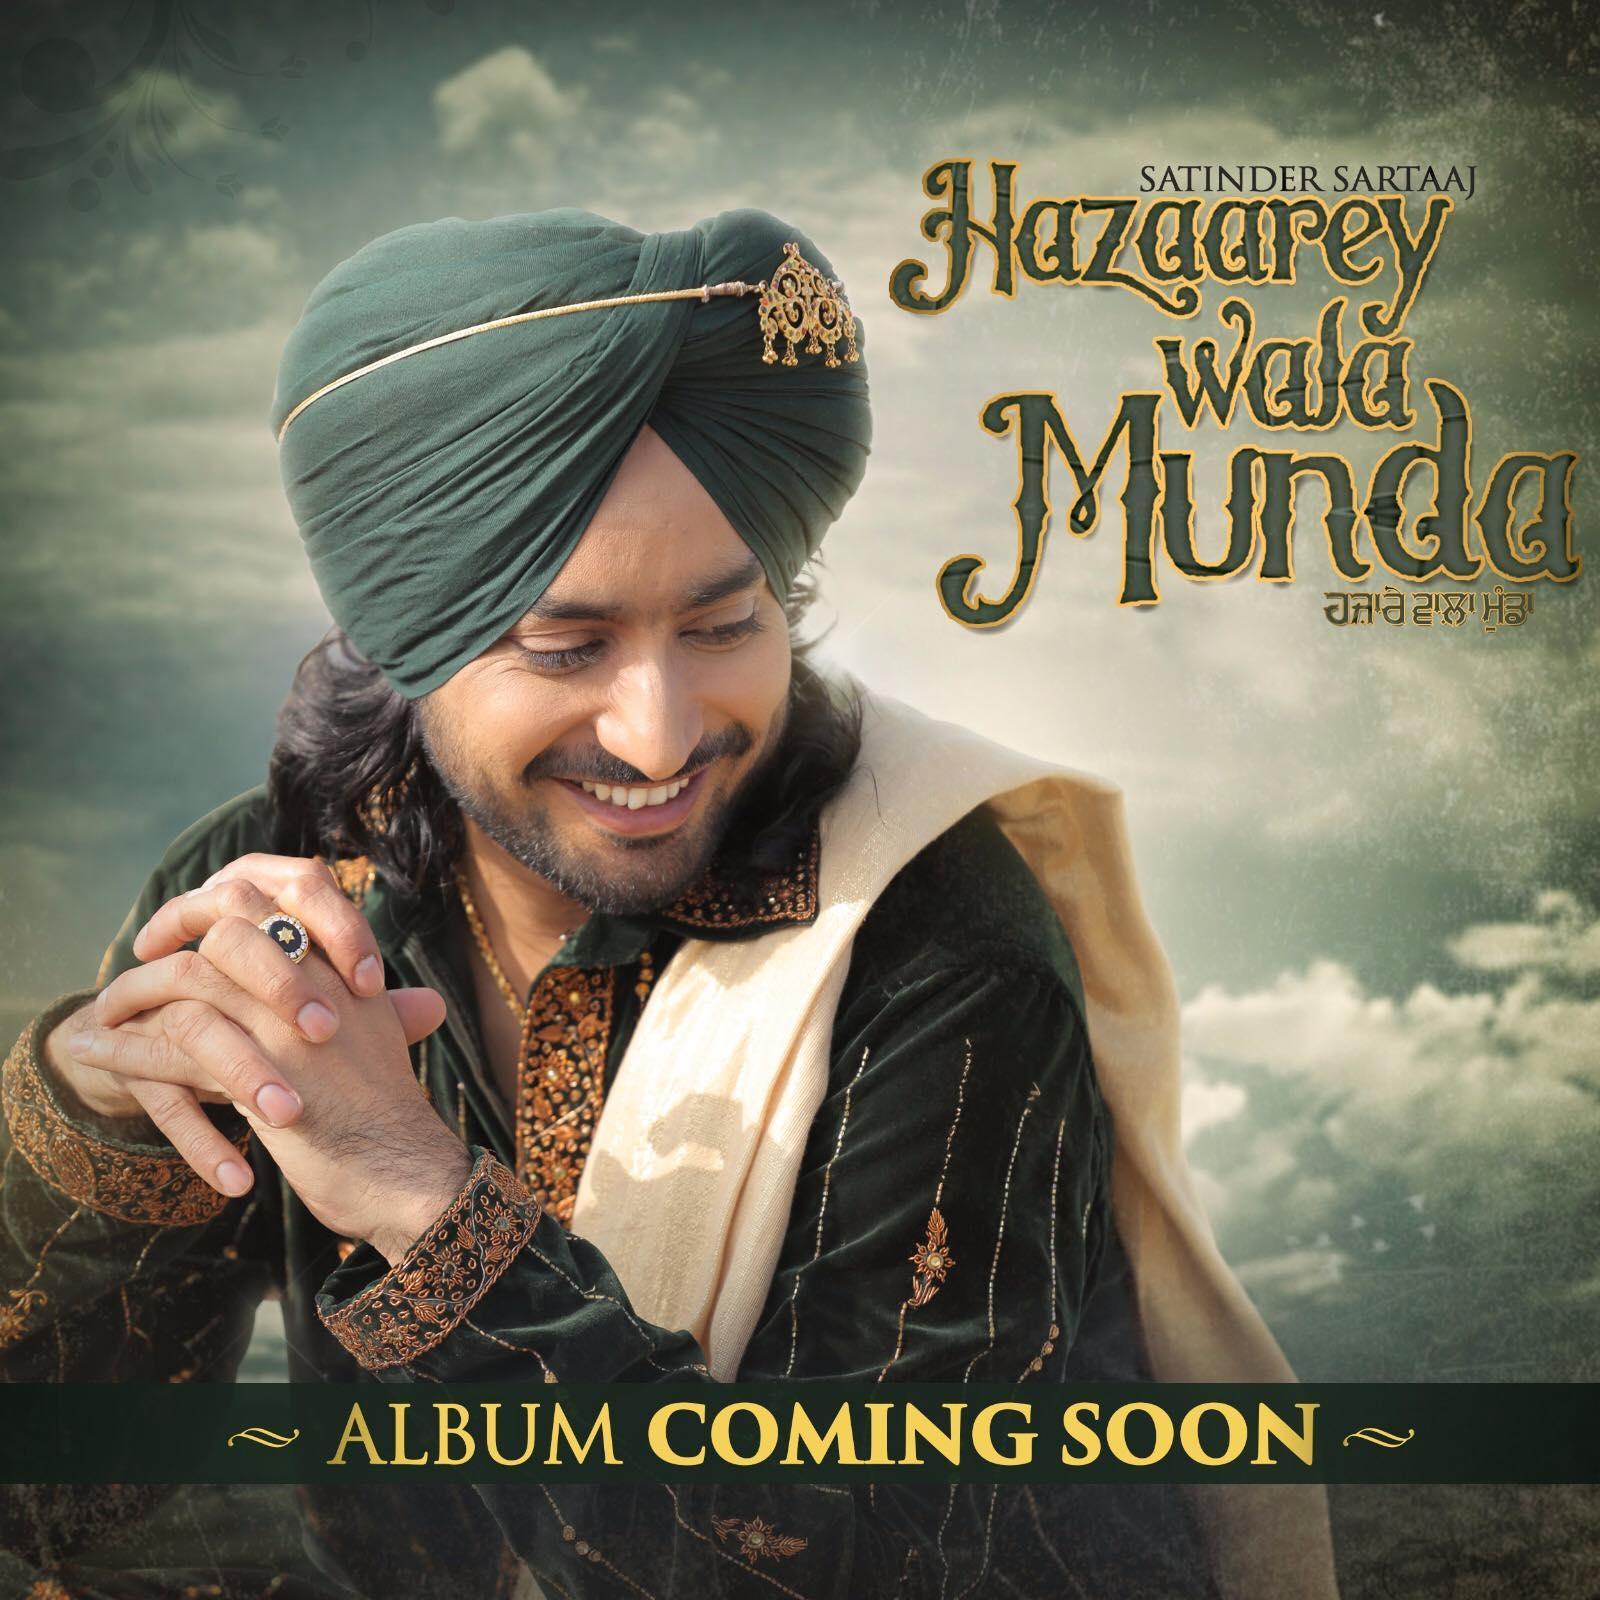 Hazaraay Wala Munda- Album Coming Soon